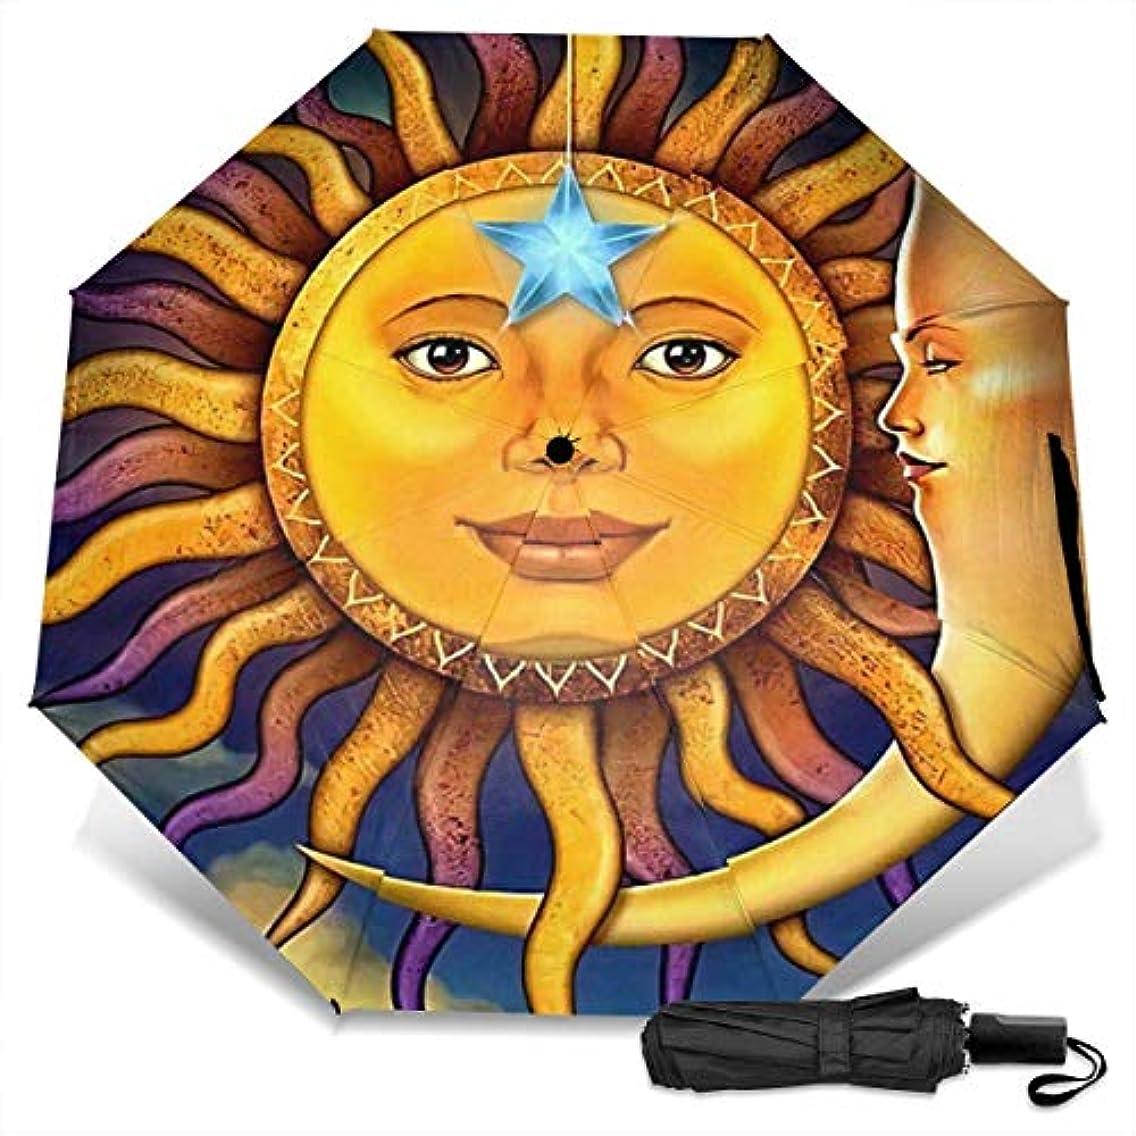 乗ってライブ適切な日月星の宇宙星雲01折りたたみ傘 軽量 手動三つ折り傘 日傘 耐風撥水 晴雨兼用 遮光遮熱 紫外線対策 携帯用かさ 出張旅行通勤 女性と男性用 (黒ゴム)